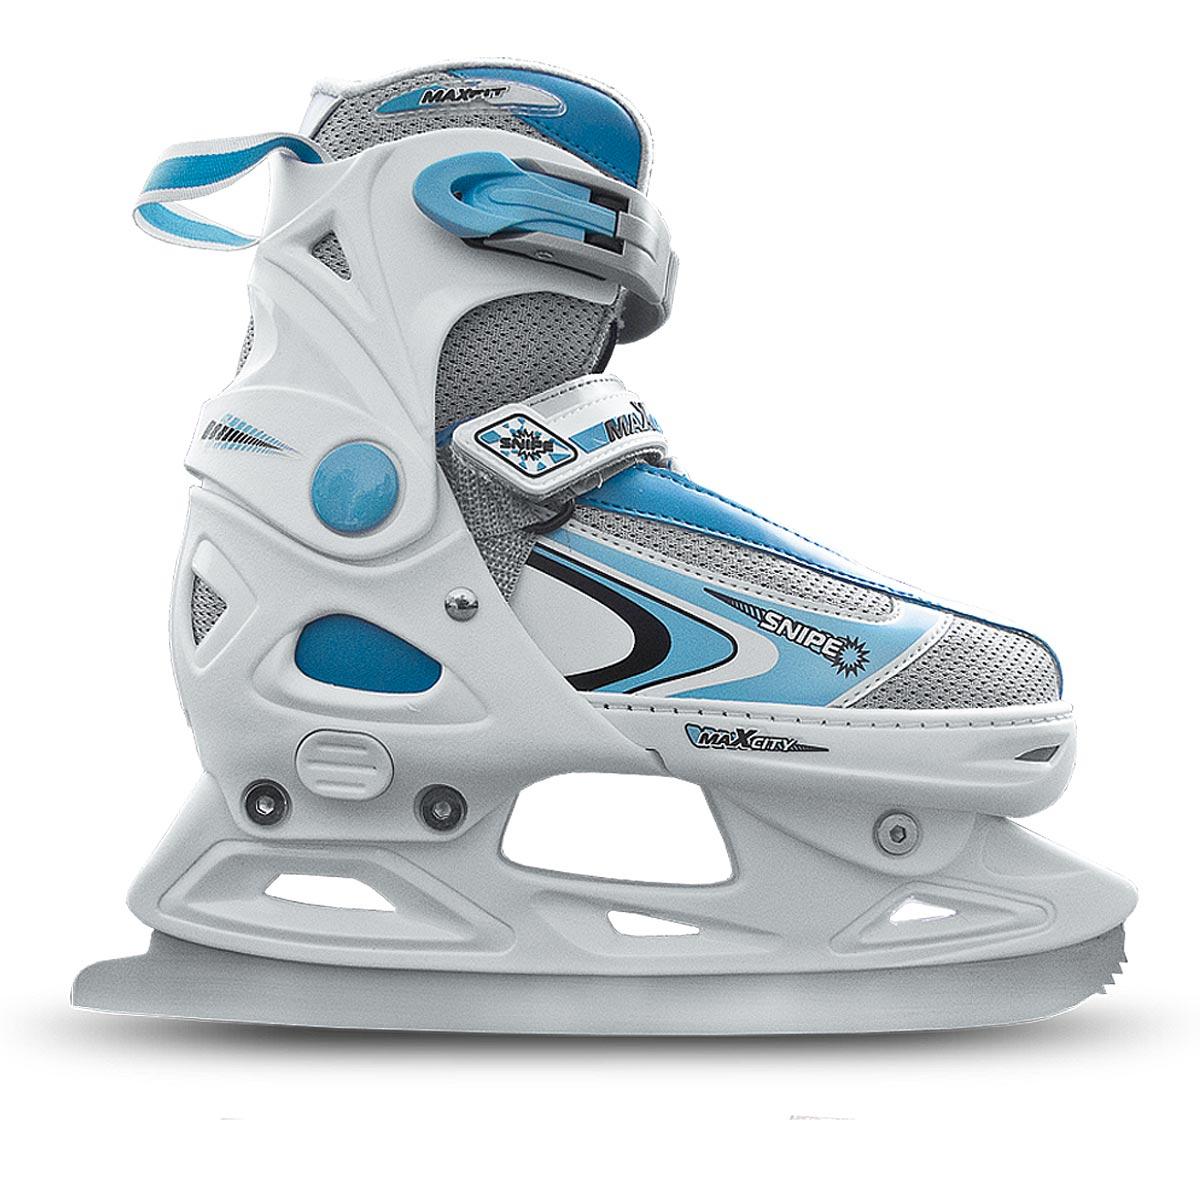 Коньки ледовые для девочки MaxCity Snipe girl, раздвижные, цвет: белый, голубой. Размер 29/32SNIPE girl_белый, голубой_29-32